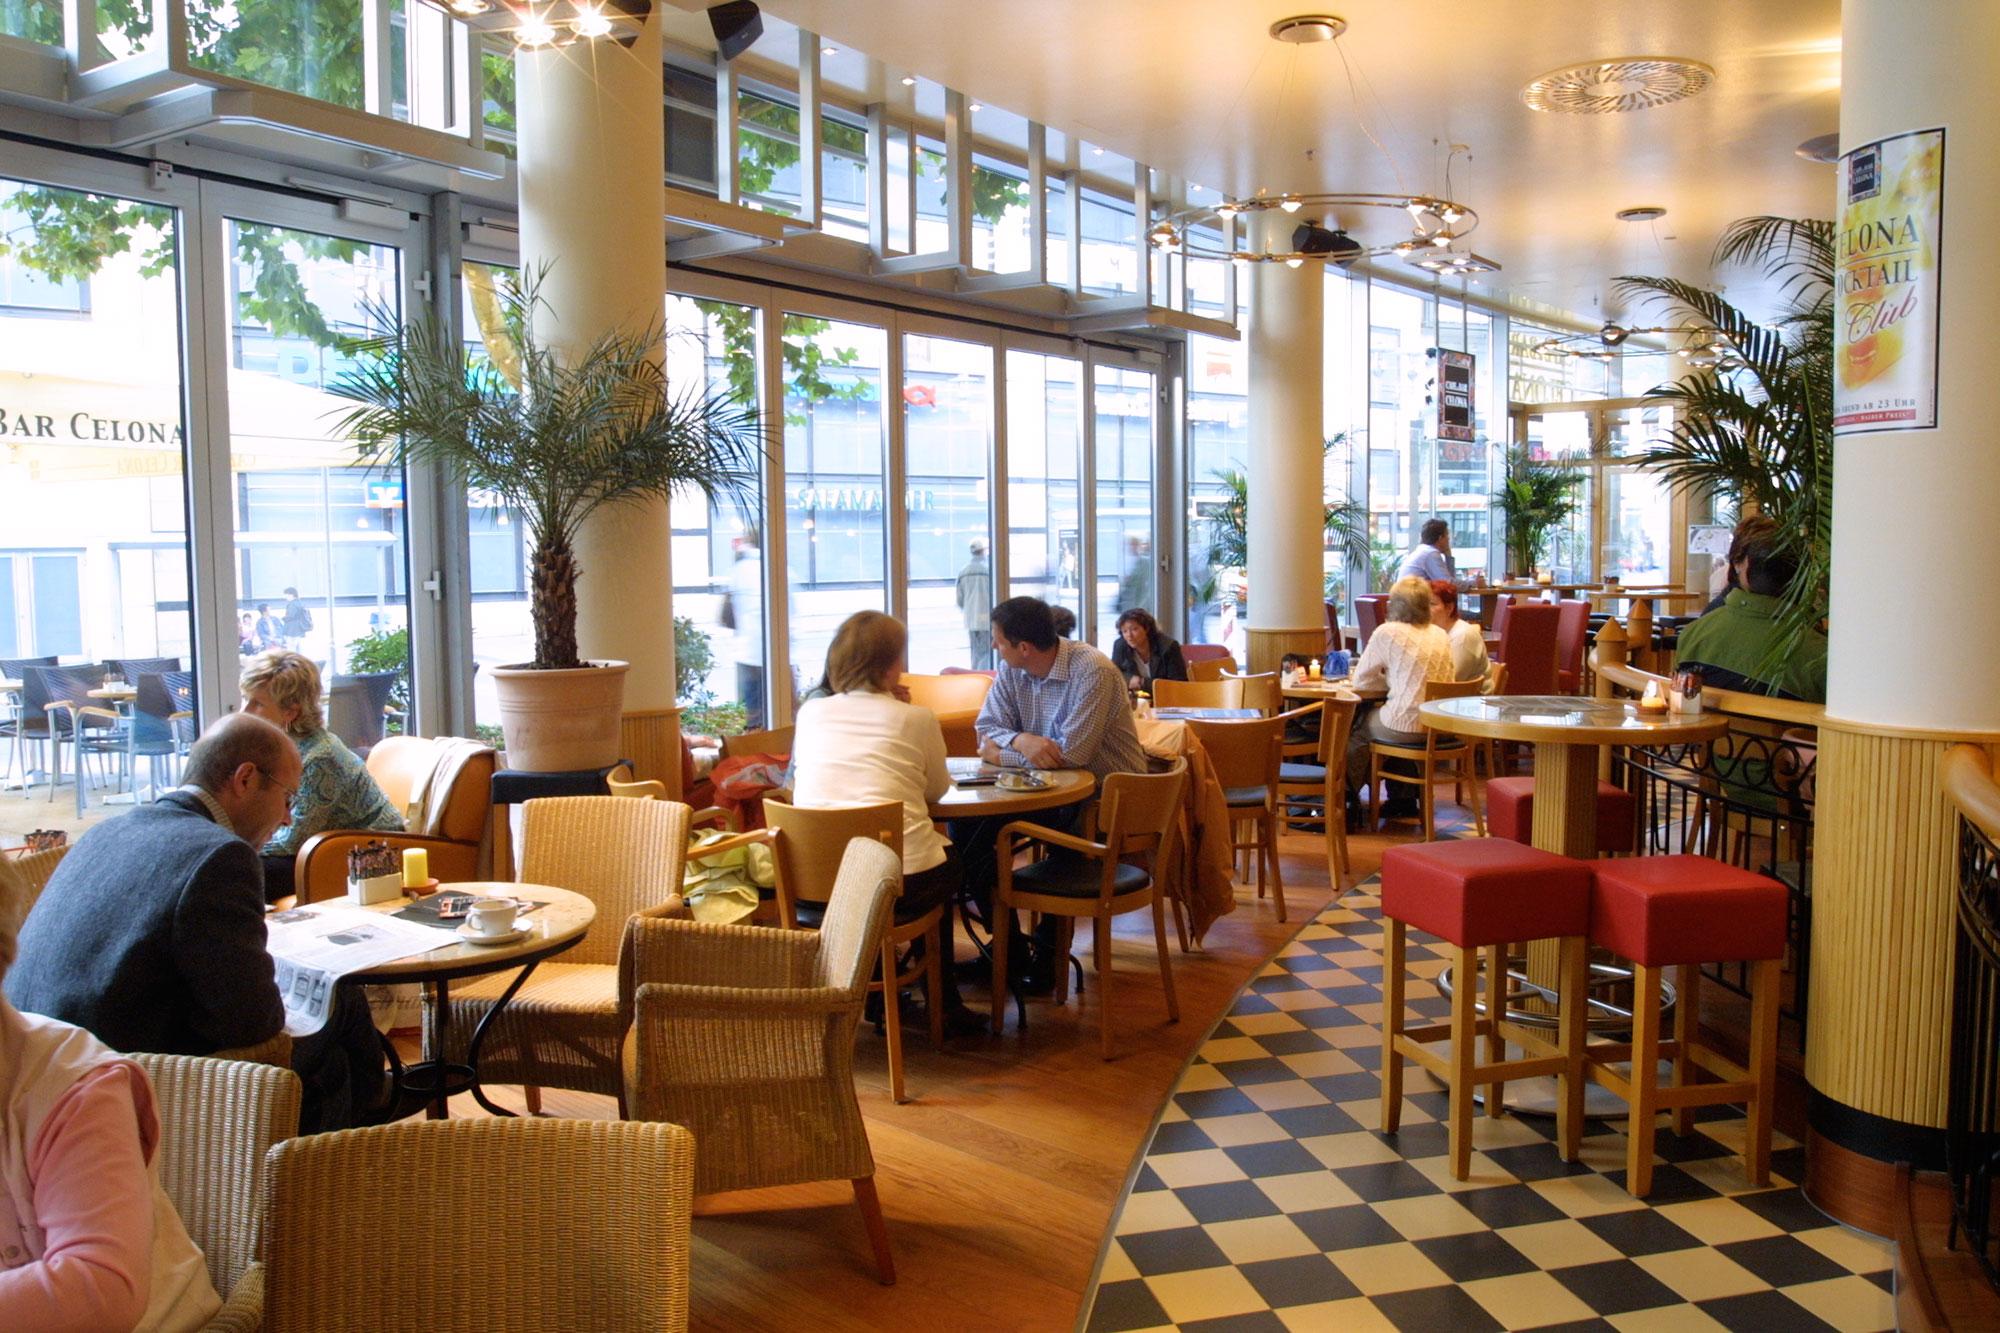 Cafe Und Bar Celona LГјbeck